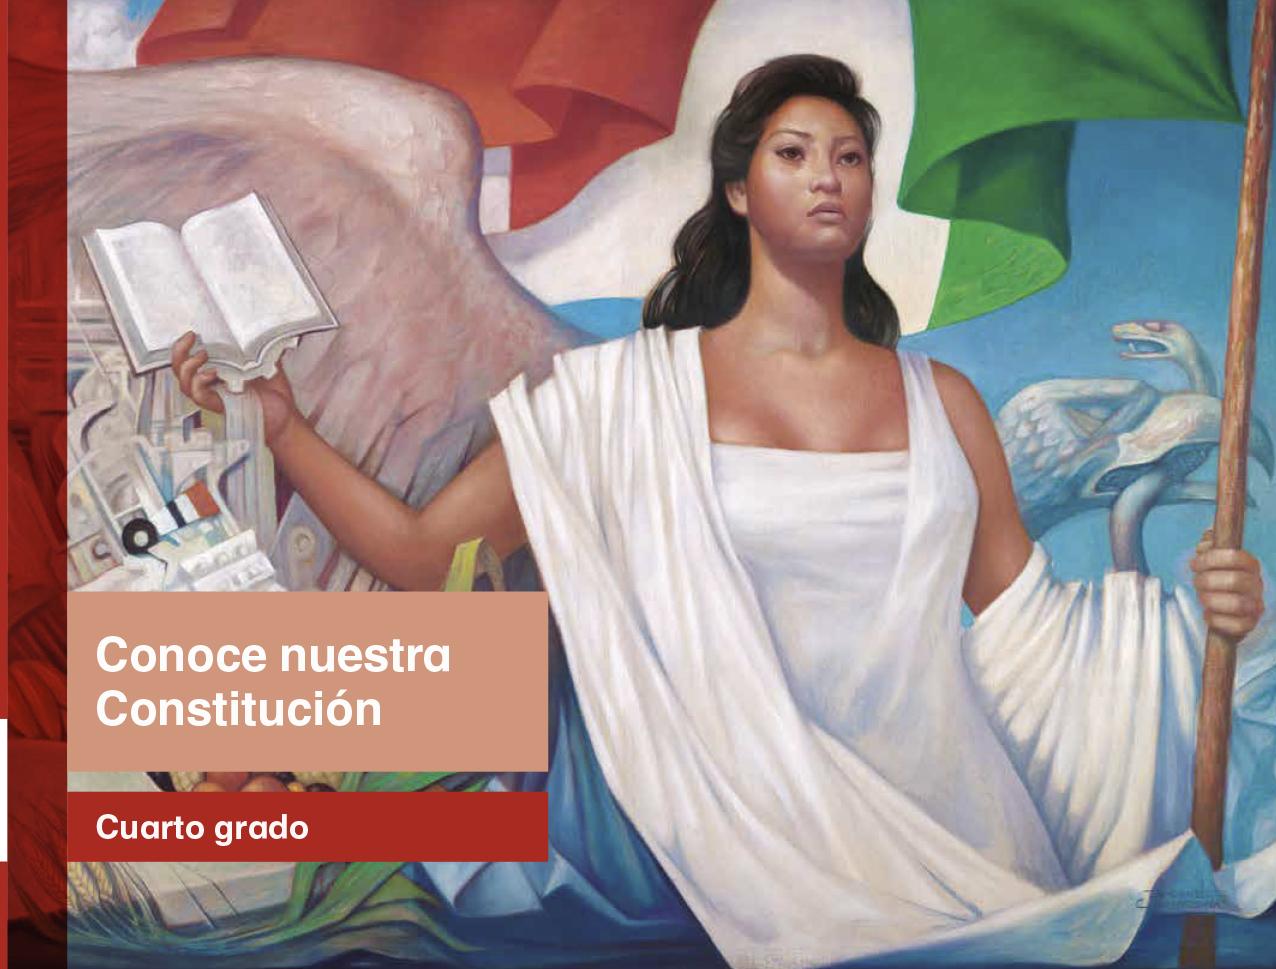 Conoce Nuestra Constitución Cuarto grado 2017-2018 - Ciclo Escolar ...